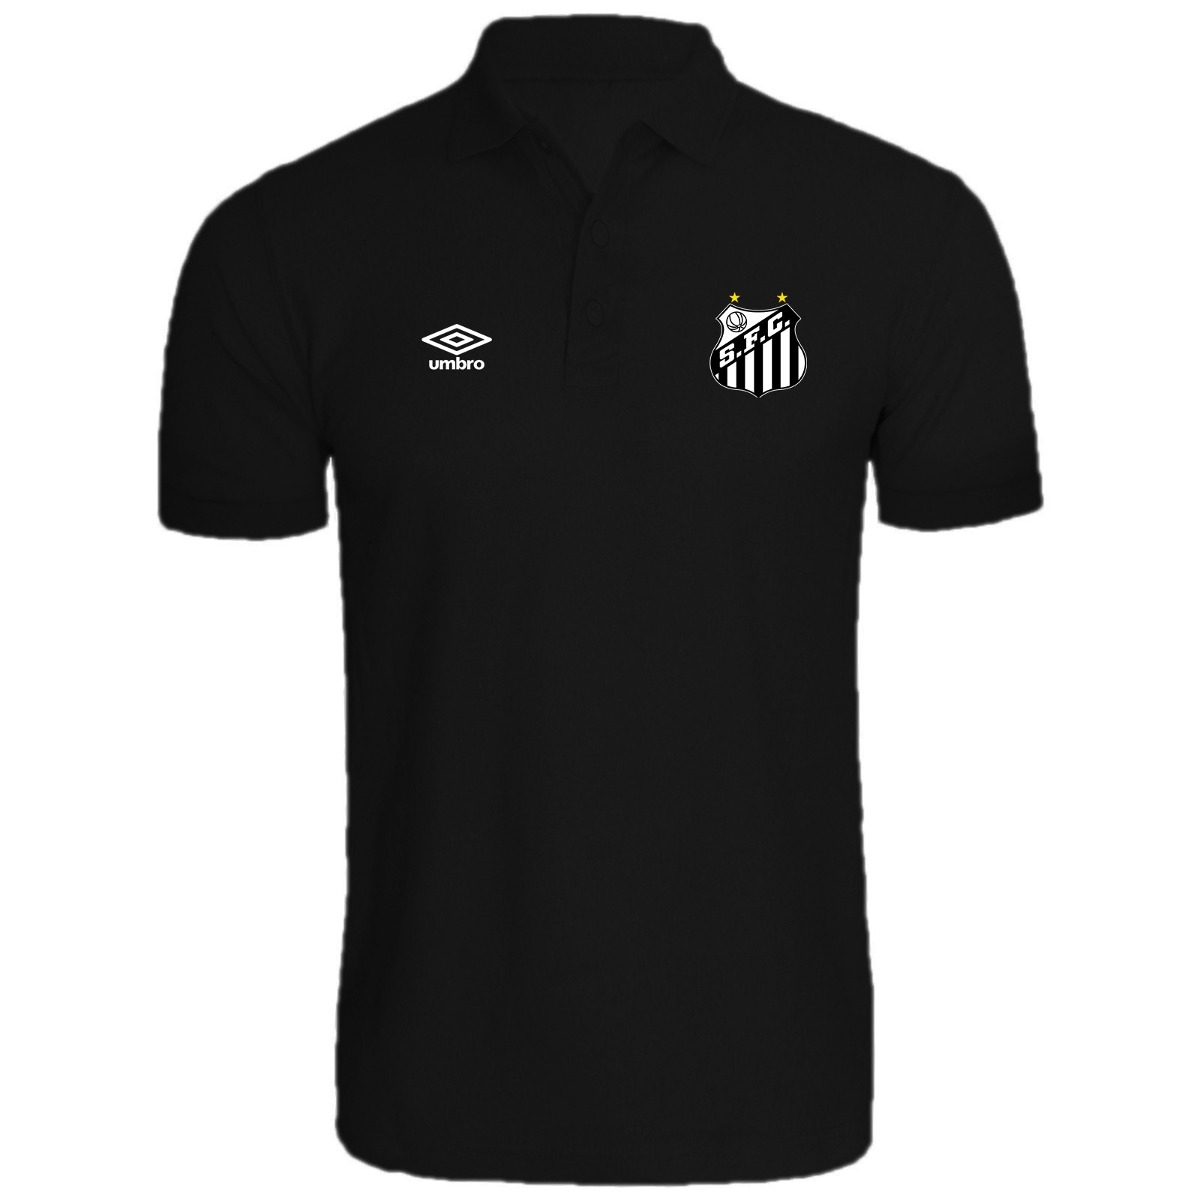 camisa polo santos fc personalizado. Carregando zoom. 0701e4e353b19